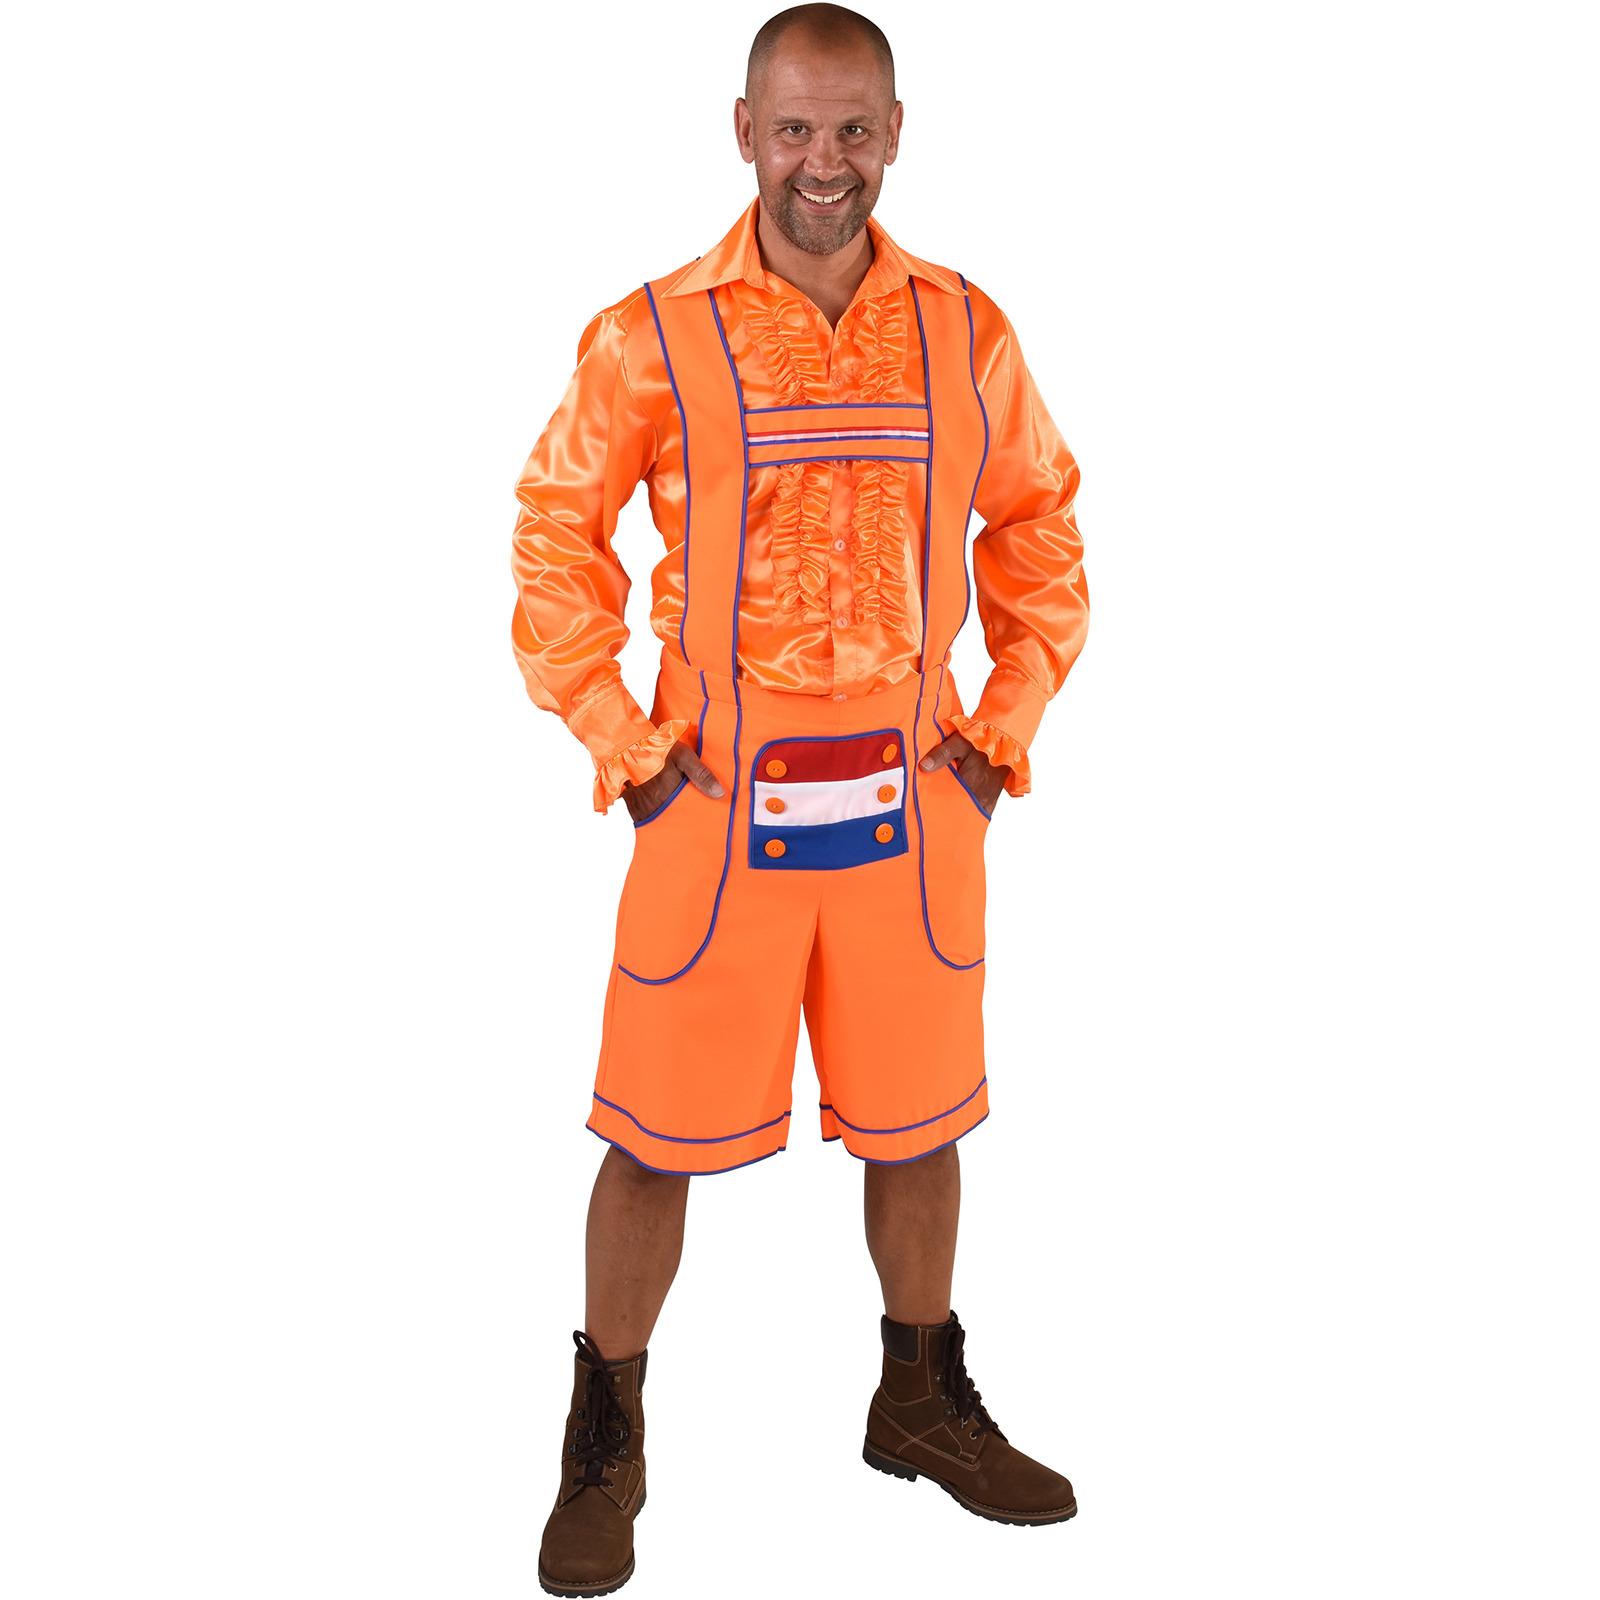 Oranje Tiroler broek - lederhosen verkleedkleding